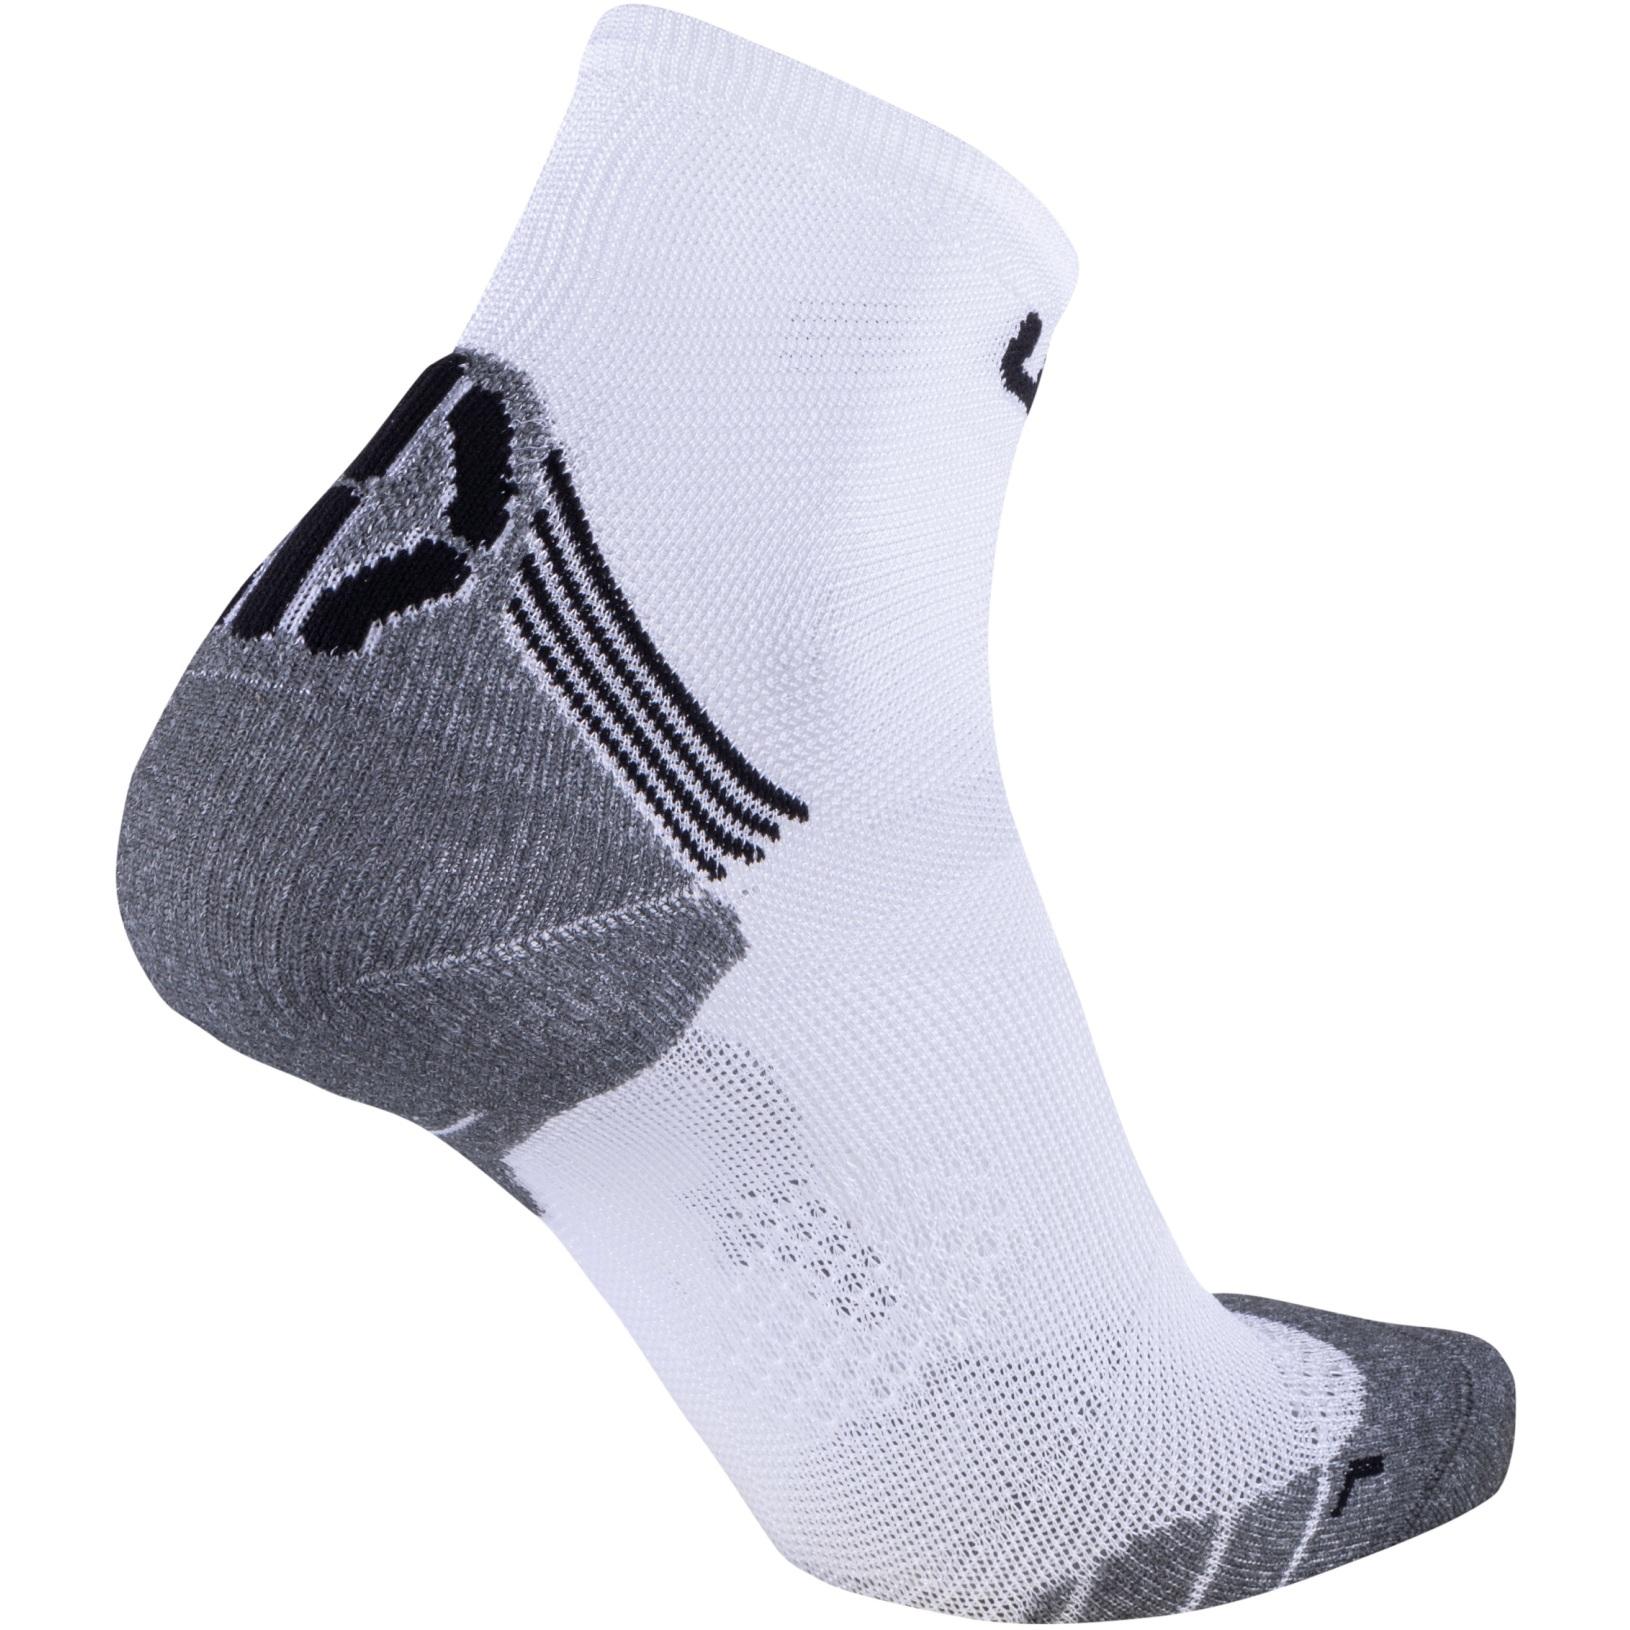 Bild von UYN Run Superleggera Herren Socken - White/Grey